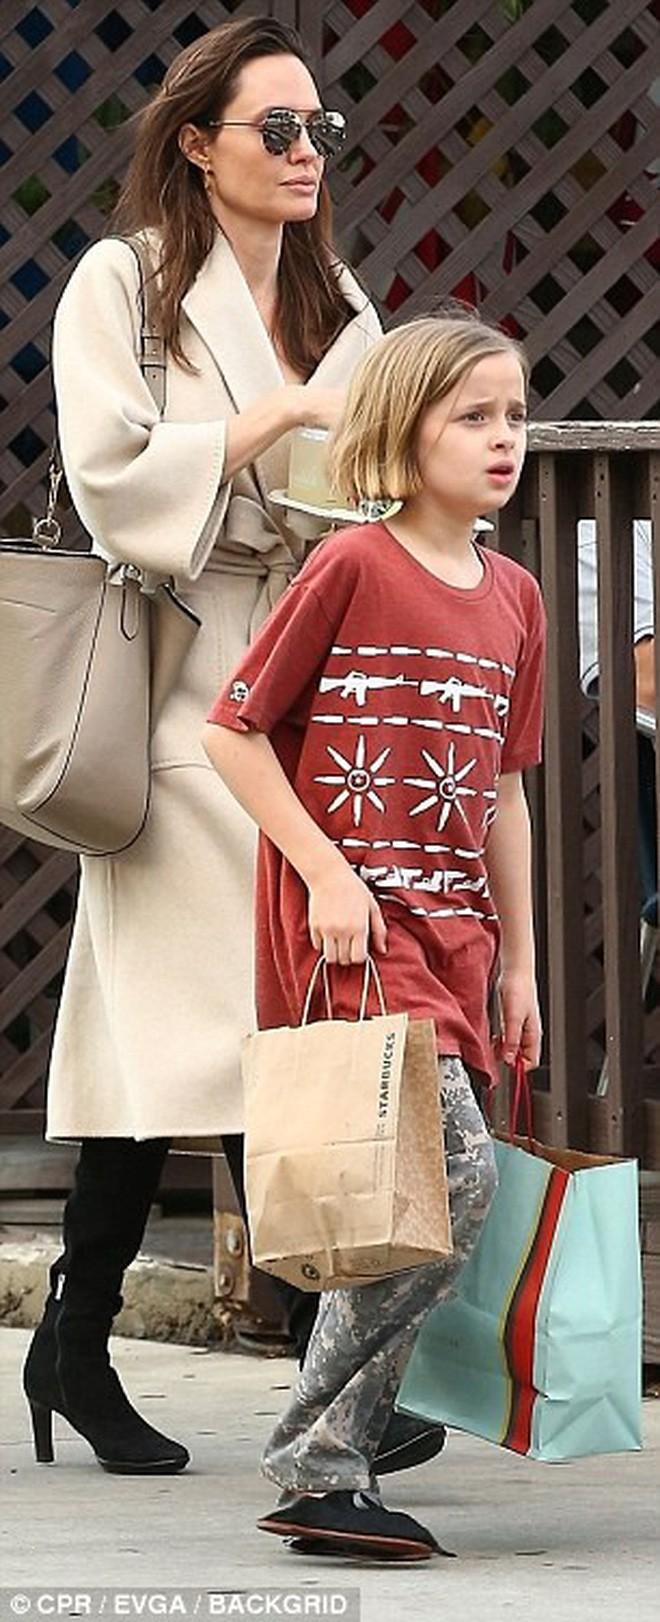 Angelina Jolie có hàng trăm tỷ, nhưng con gái cô lại mặc đồ giản dị và tự xách đồ khi mua sắm - Ảnh 2.